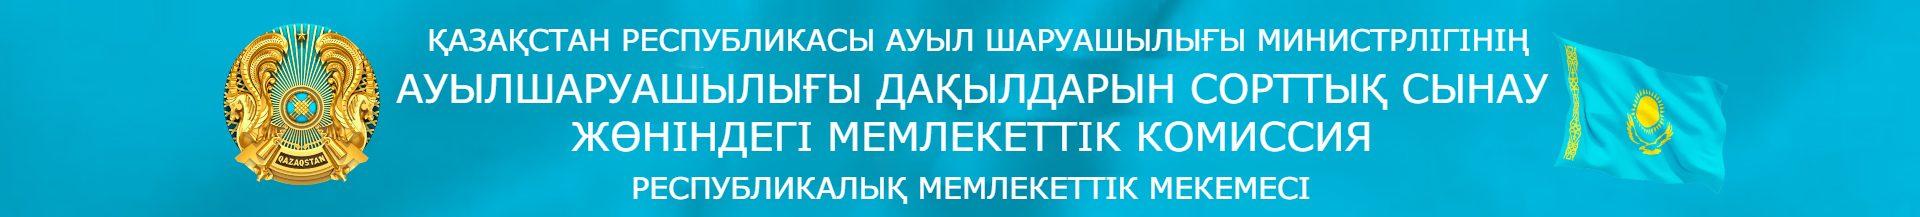 Республиканское государственное учреждение «Государственная комиссия по сортоиспытанию сельскохозяйственных культур» Министерства сельского хозяйства Республики Казахстан